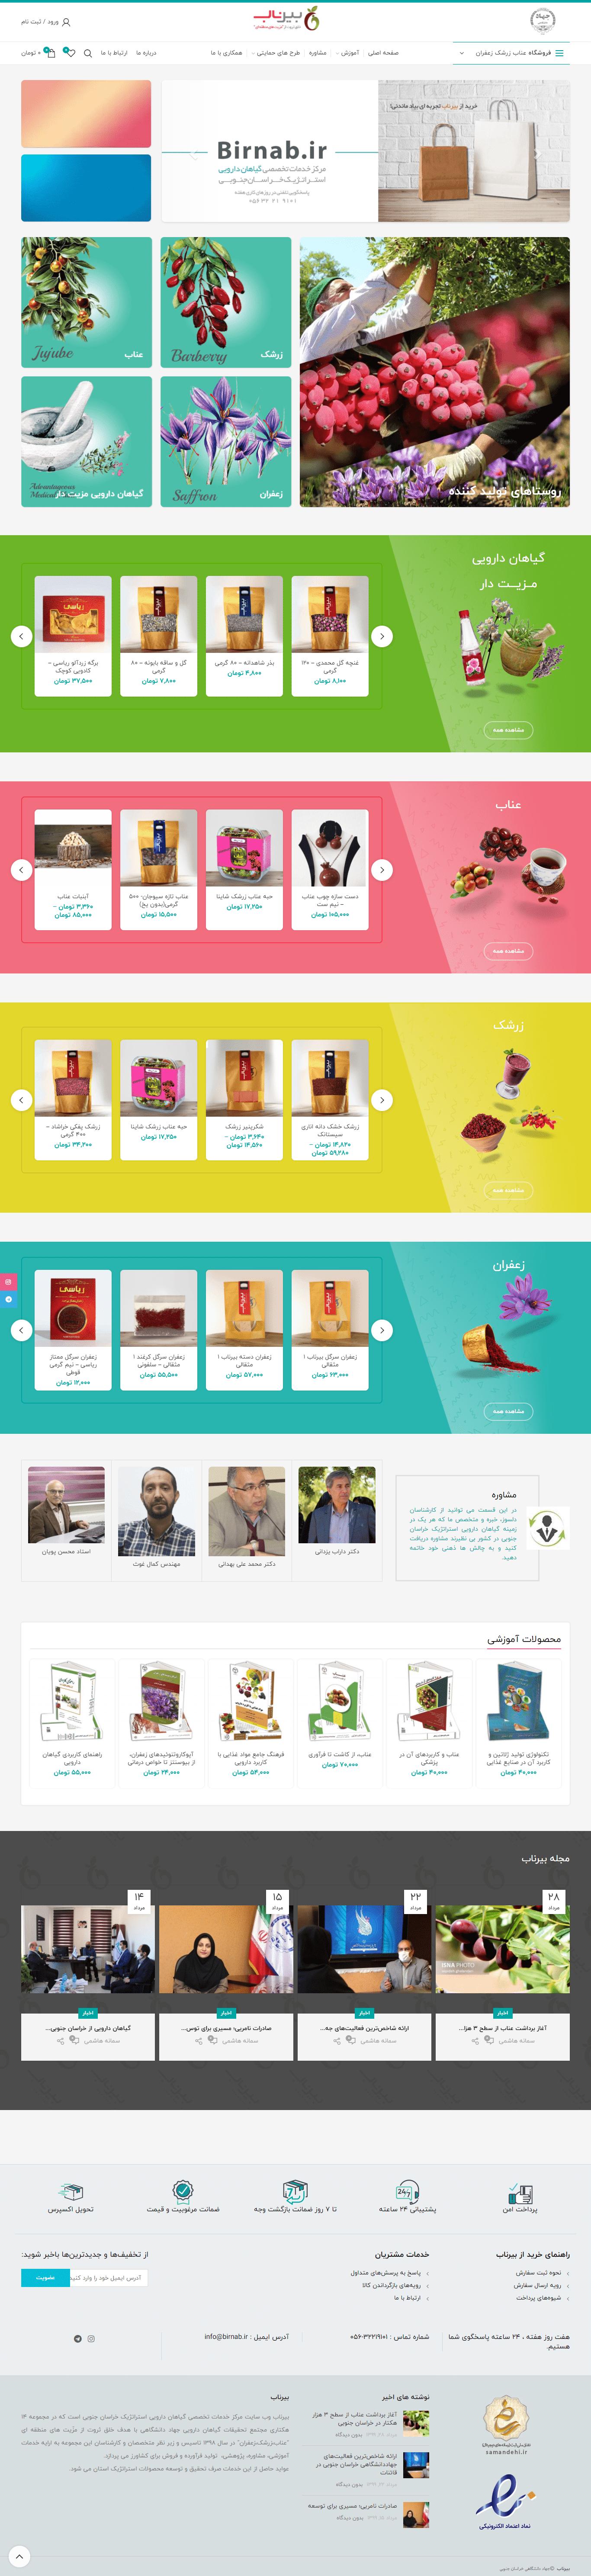 صفحه اصلی فروشگاه اینترنتی بیرناب